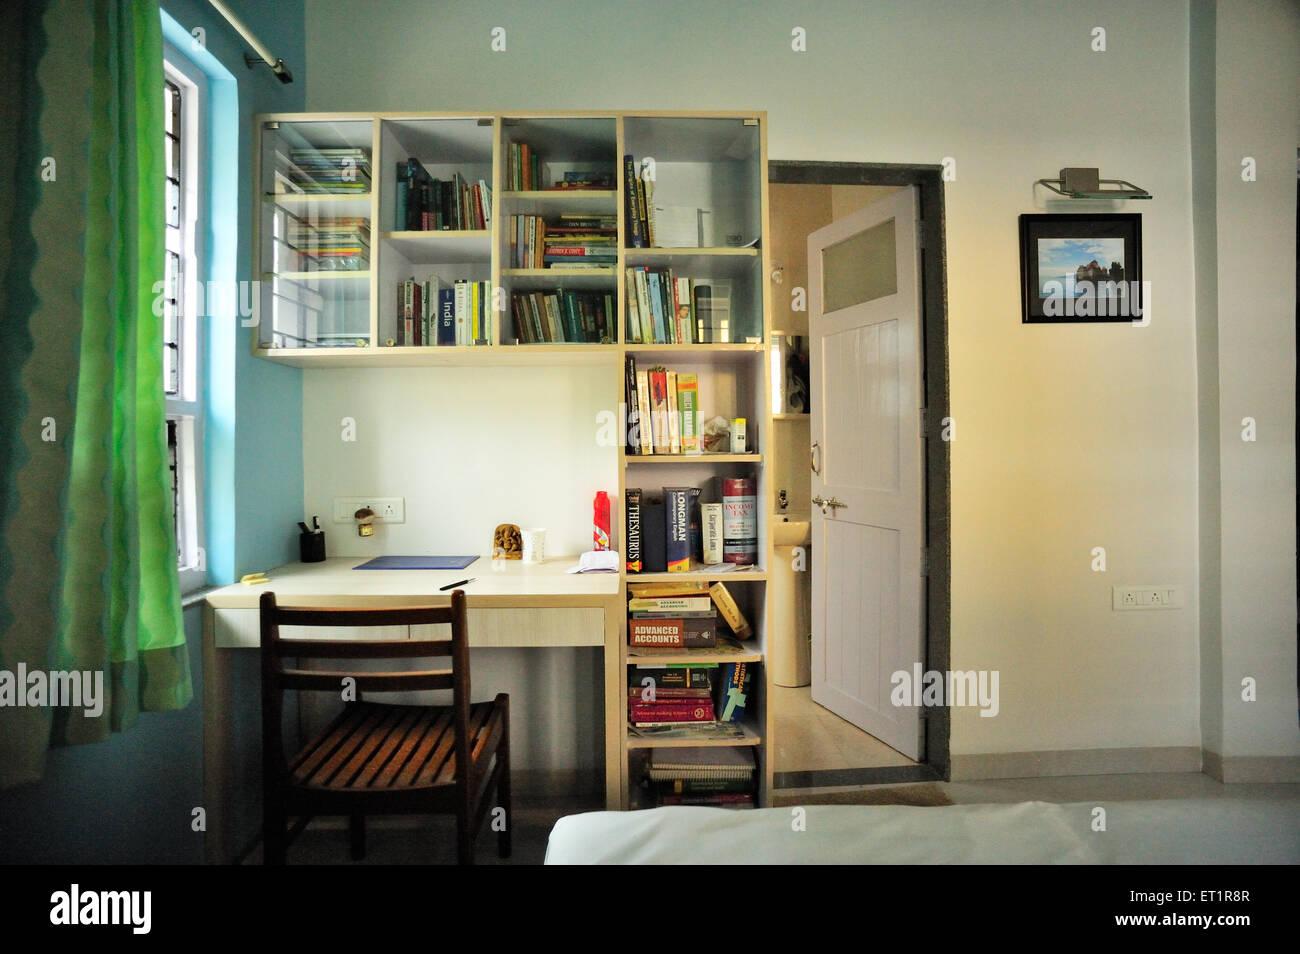 Sala de estudio Imagen De Stock